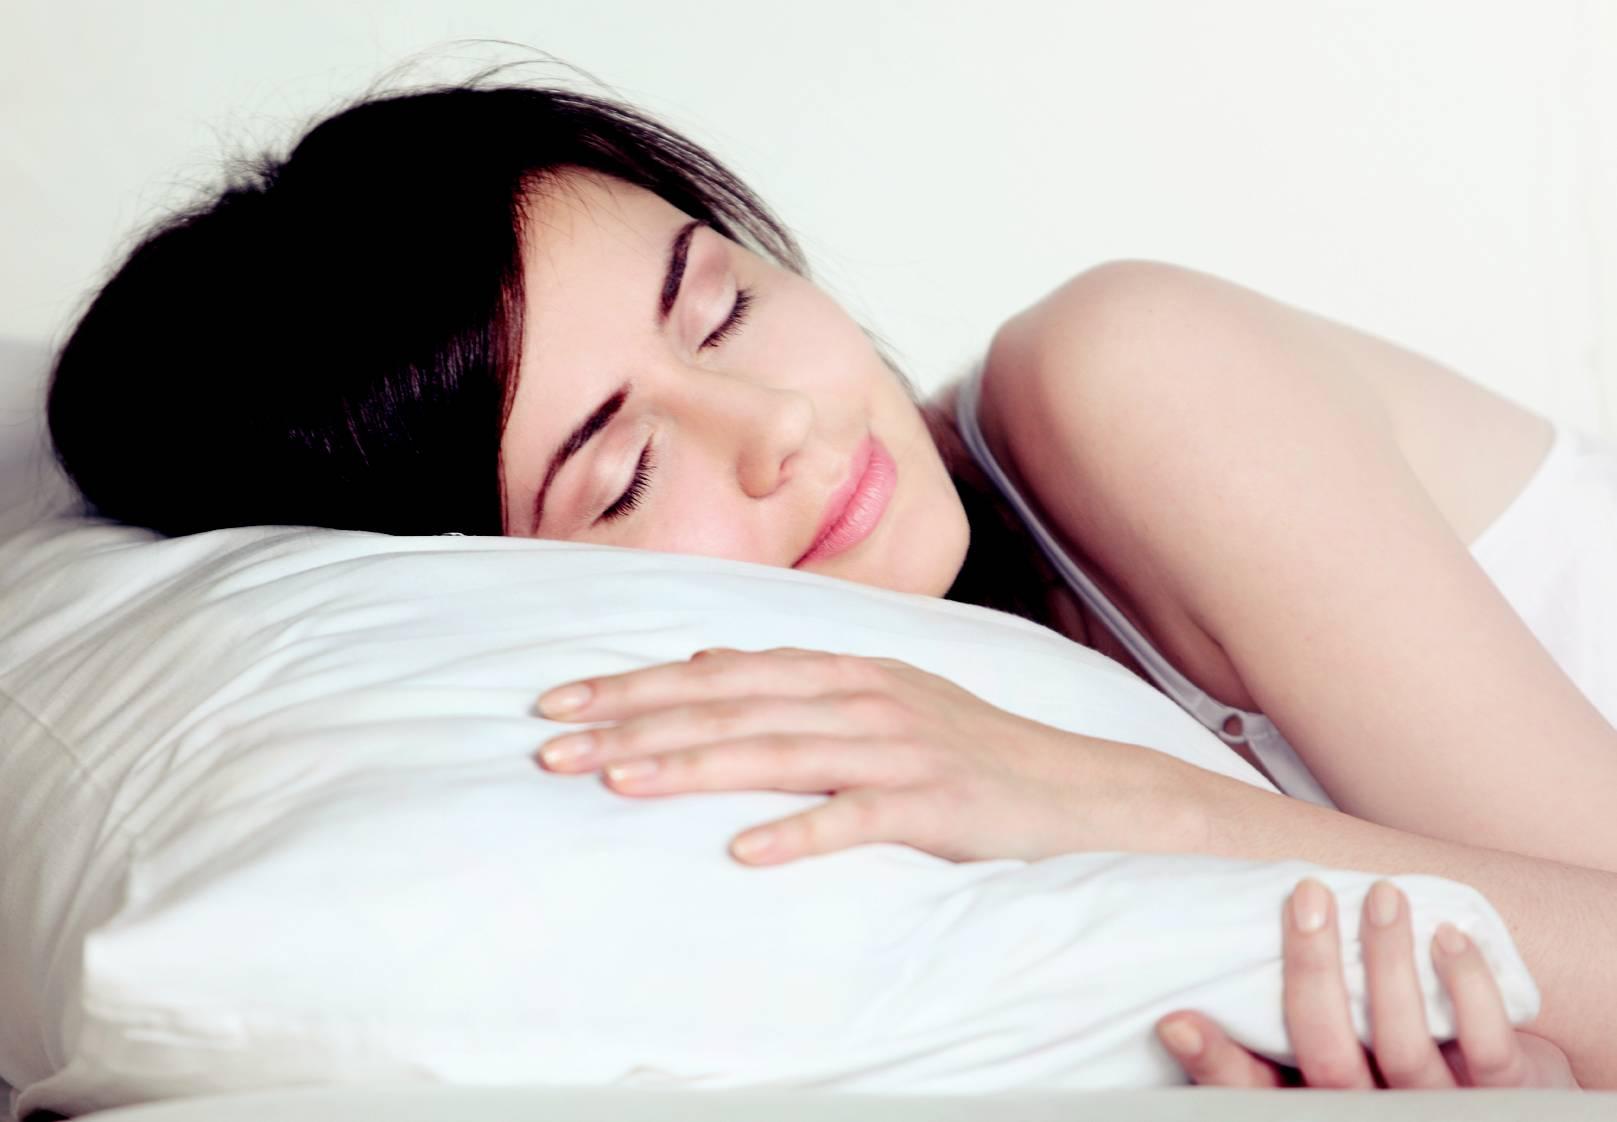 Ngủ bù vào cuối tuần có tốt cho sức khoẻ: Câu trả lời bất ngờ từ các chuyên gia